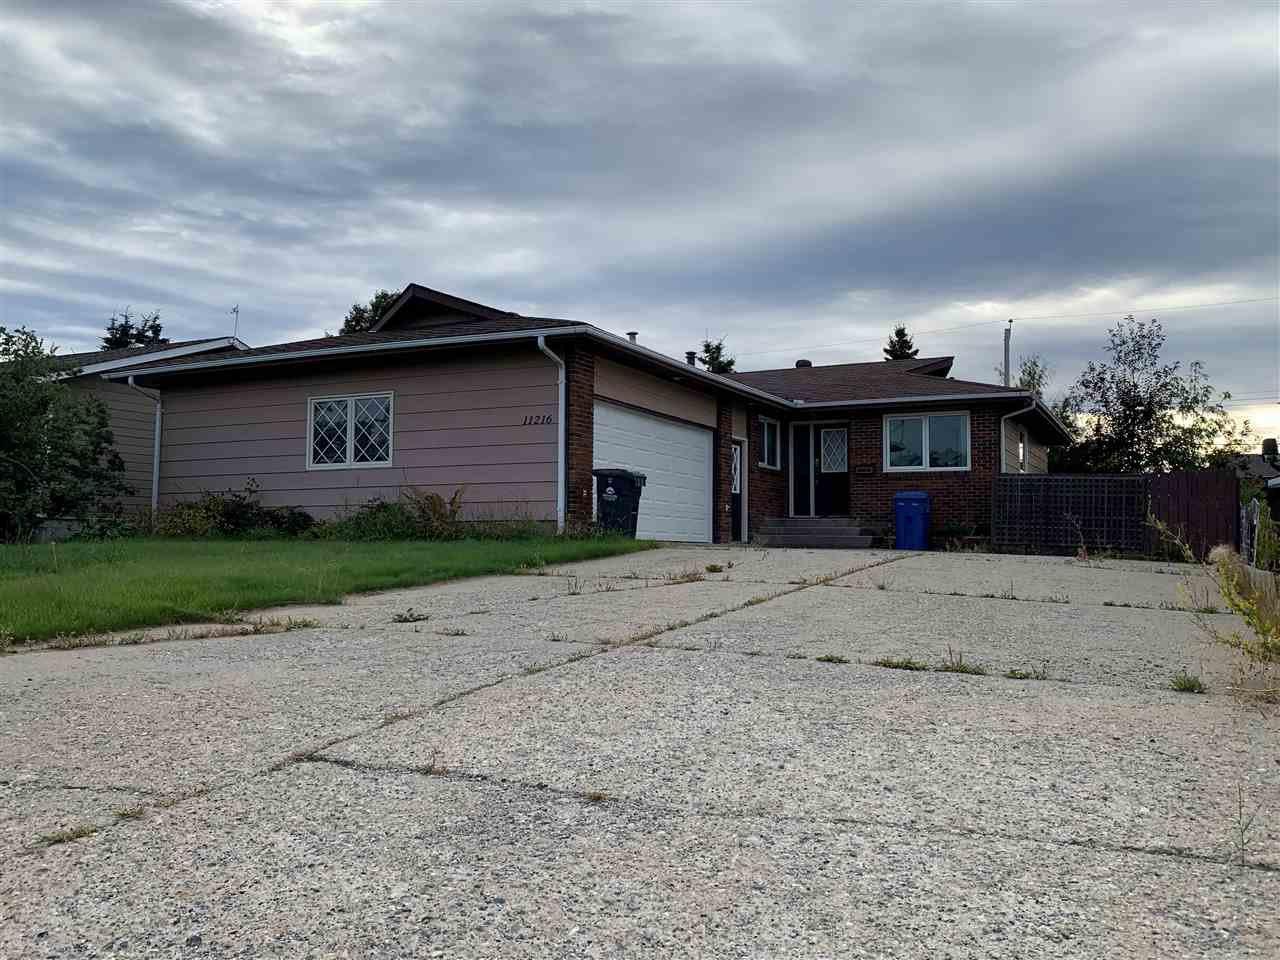 Main Photo: 11216 102 Street in Fort St. John: Fort St. John - City NW House for sale (Fort St. John (Zone 60))  : MLS®# R2495710